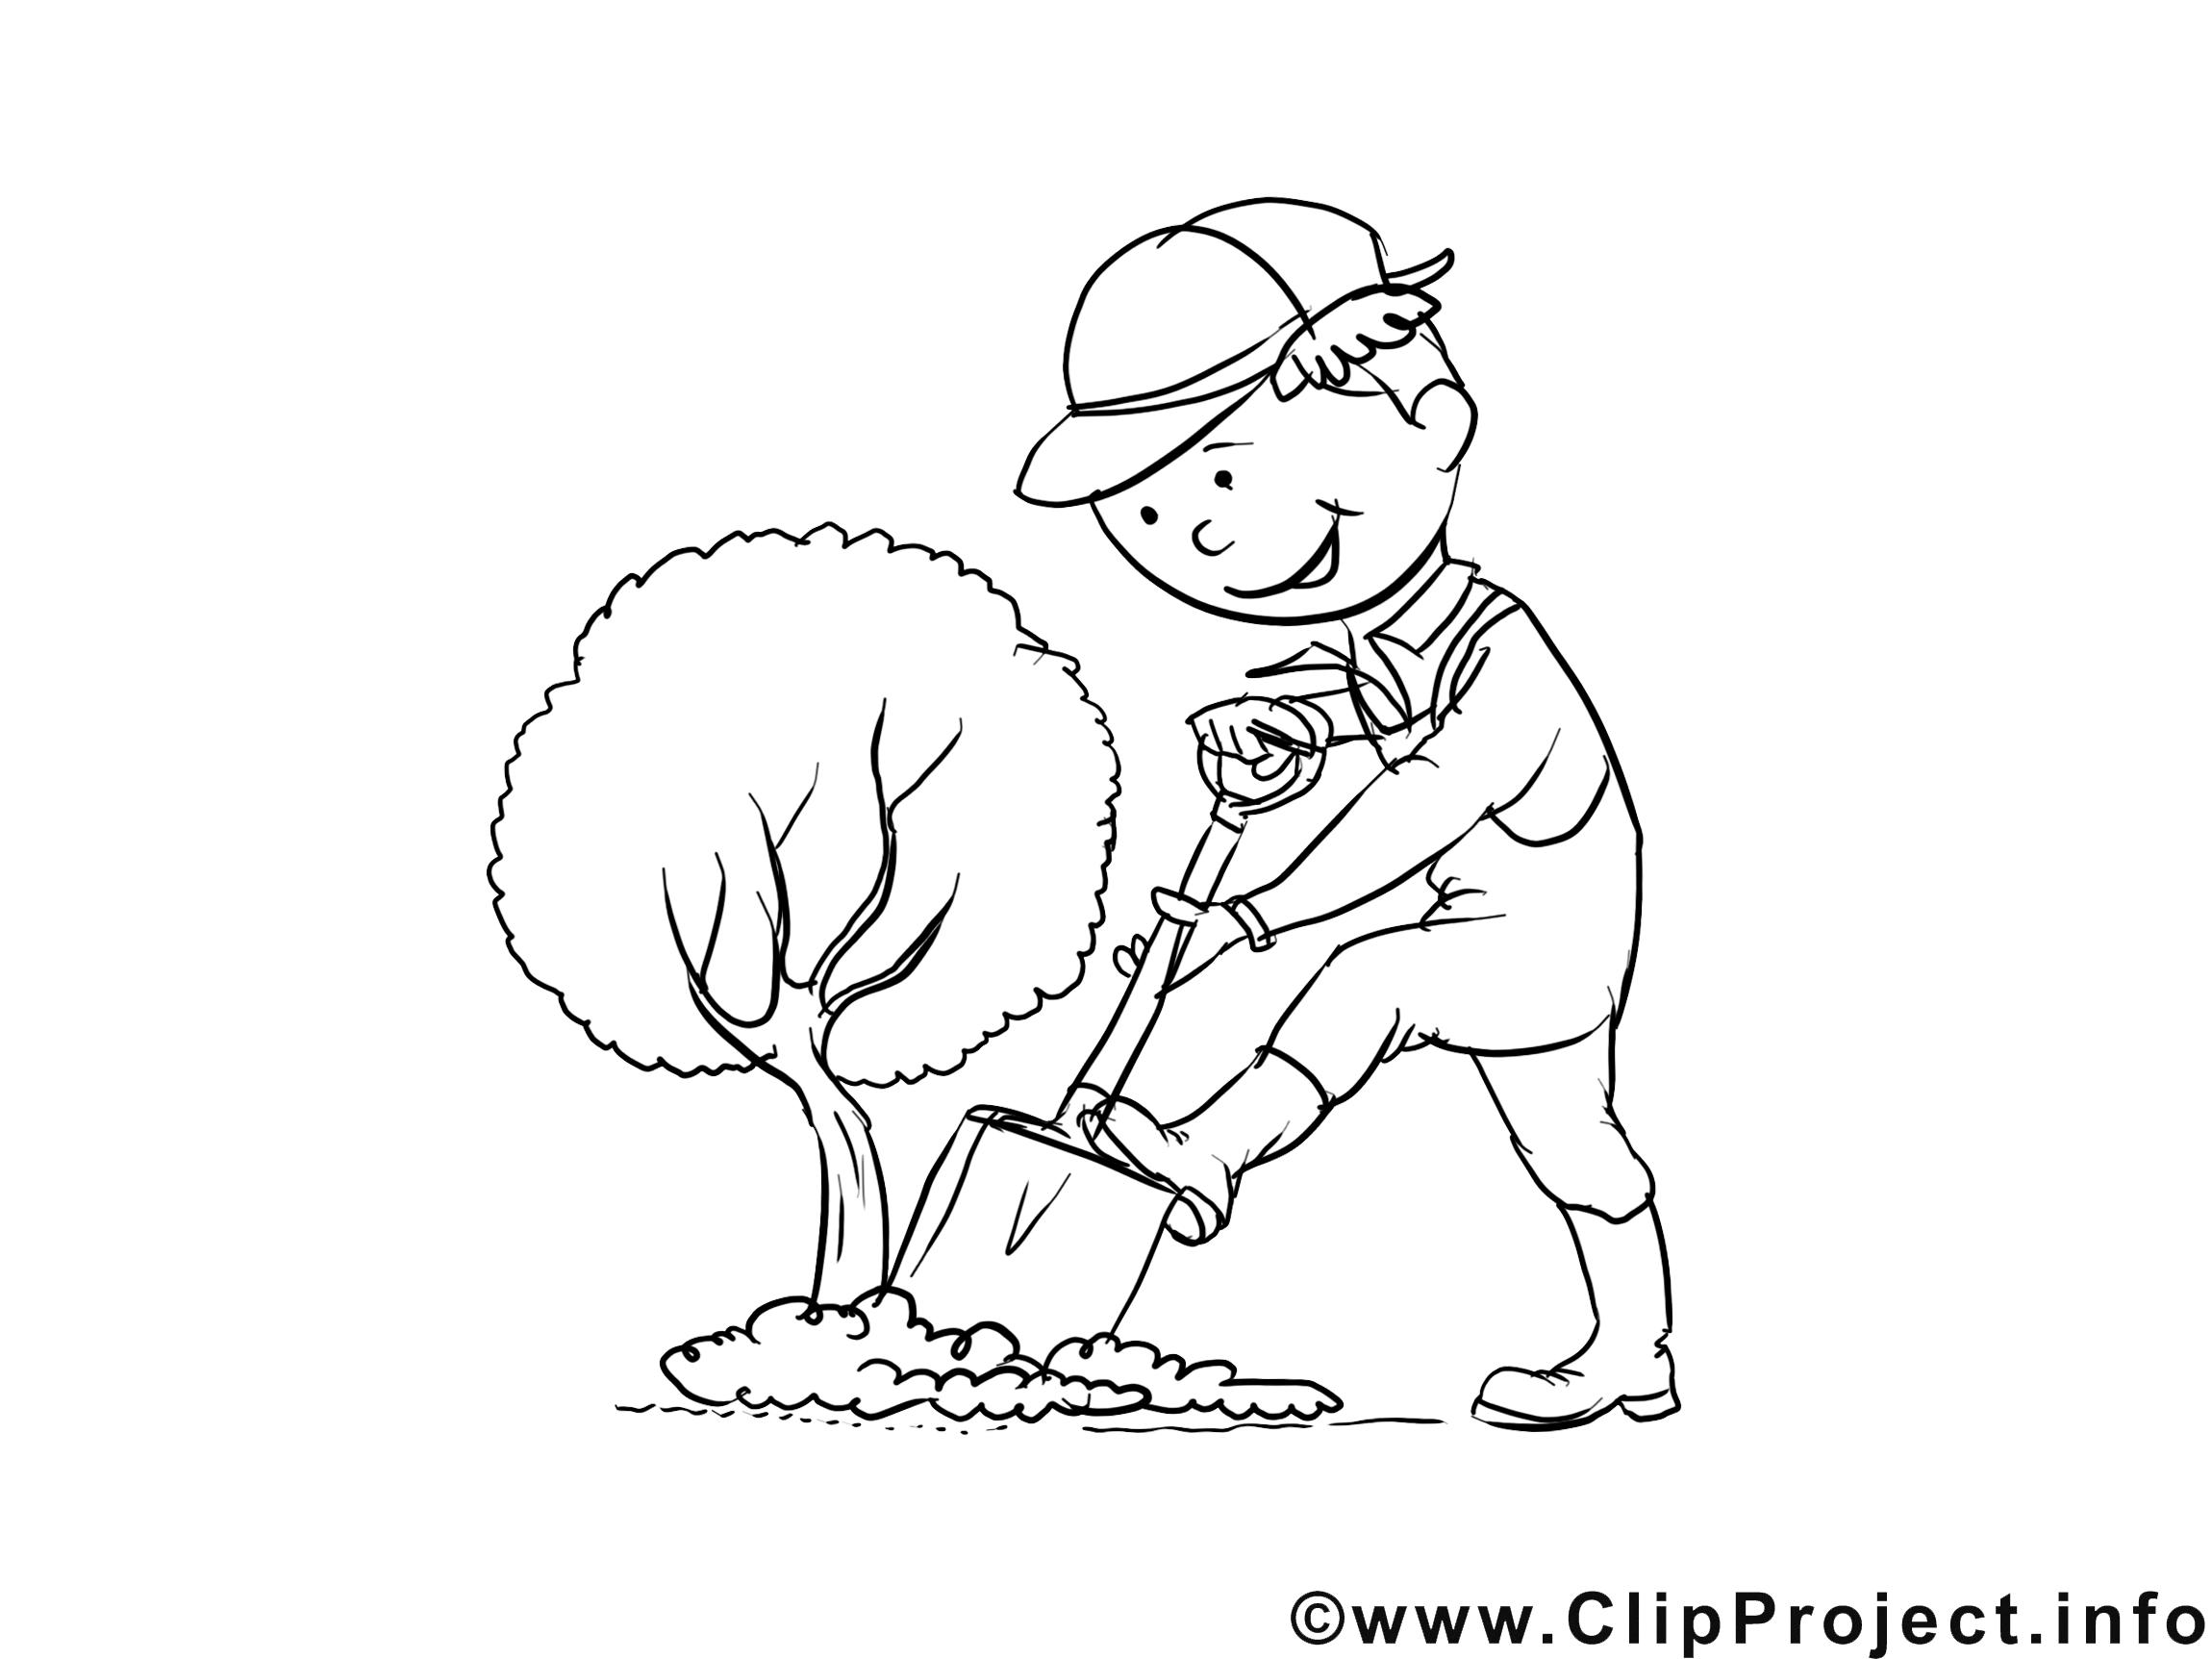 Meilleur De Image A Colorier Jardinier